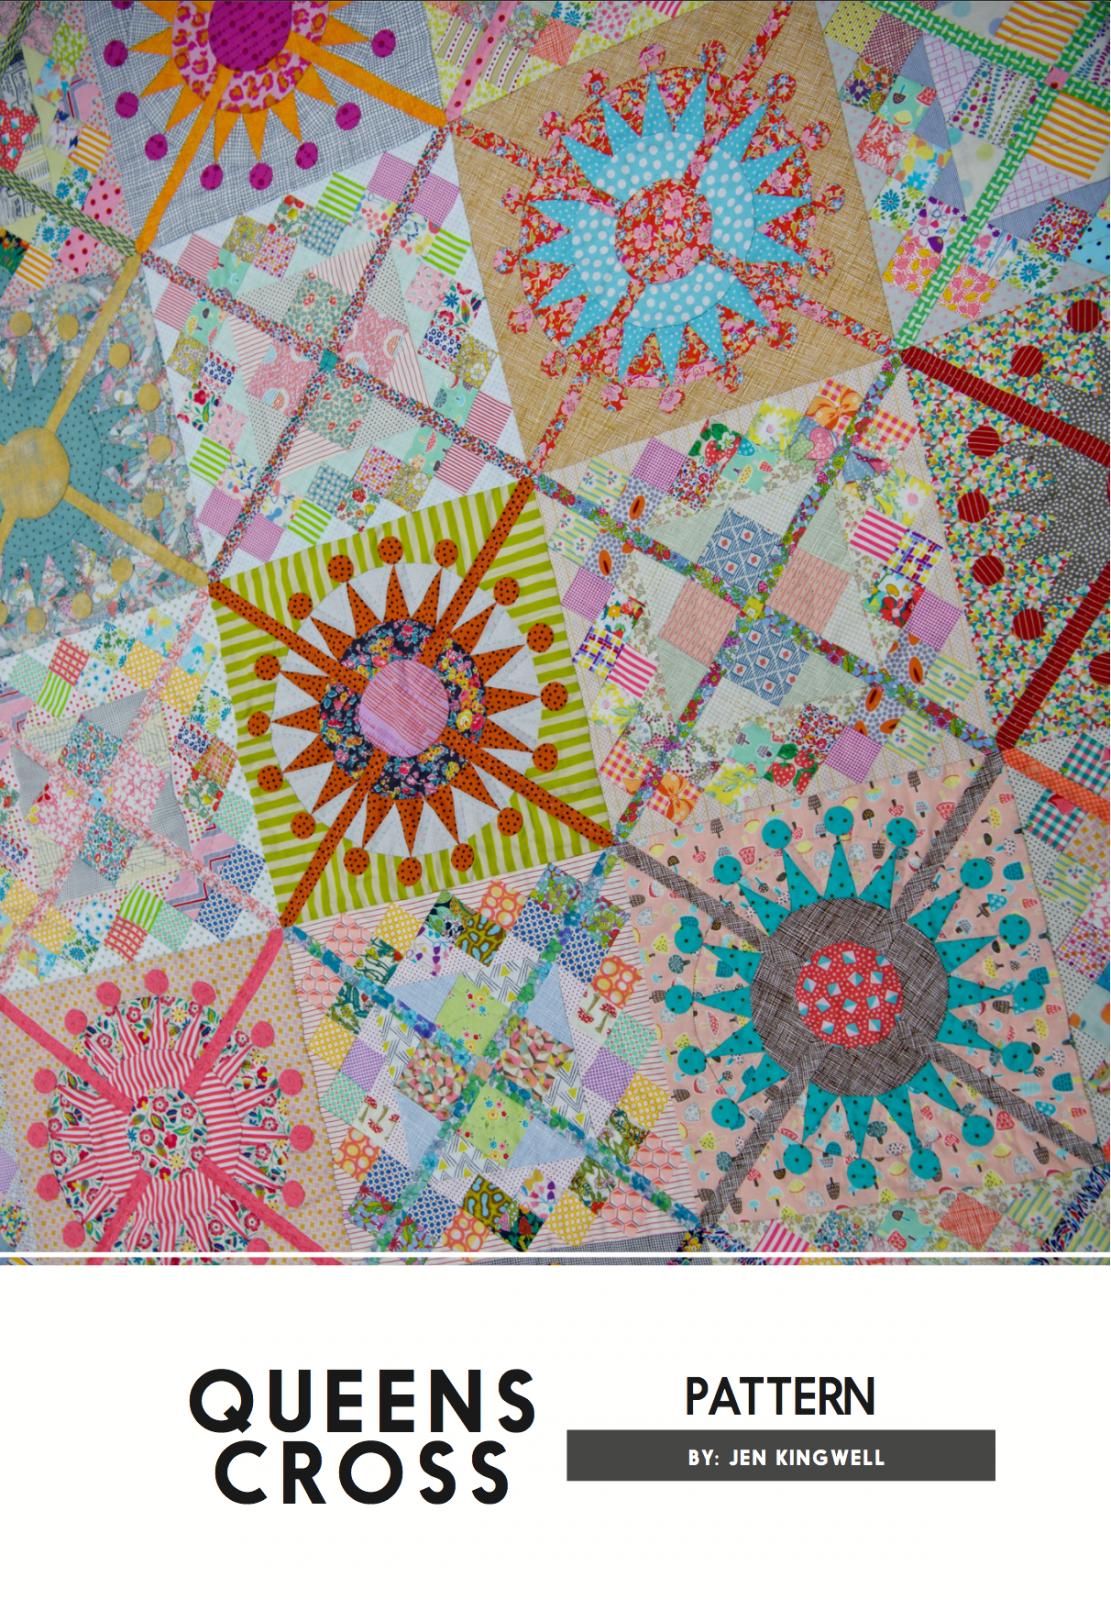 Queens Cross Pattern by Jen Kingwell Designs